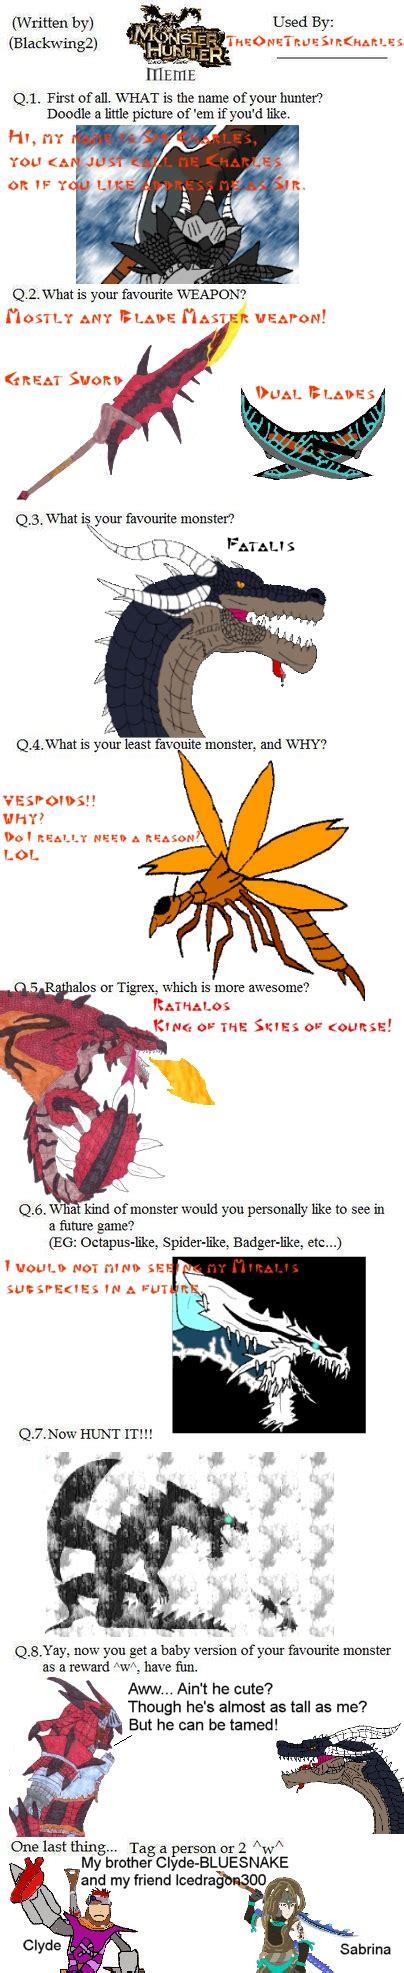 Monster Hunter Memes - motives demotives posters and memes on wearemonsterhunter deviantart